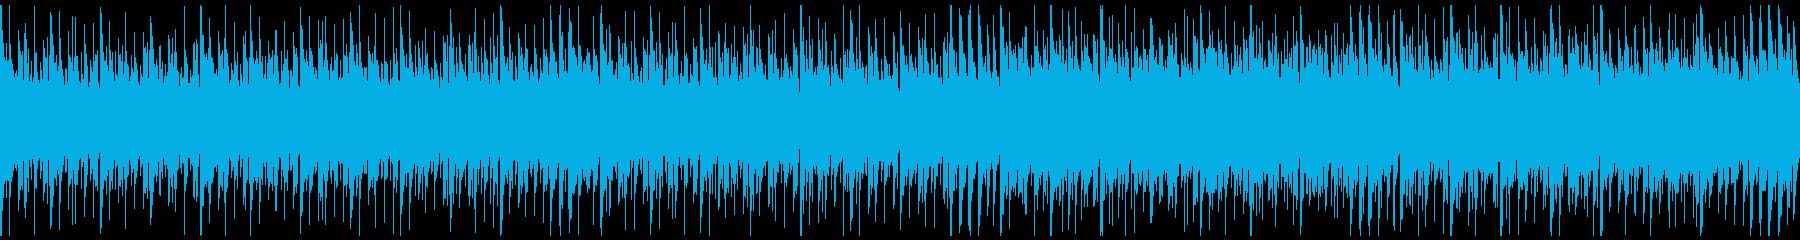 時空・空間を感じさせるシステム風BGMの再生済みの波形